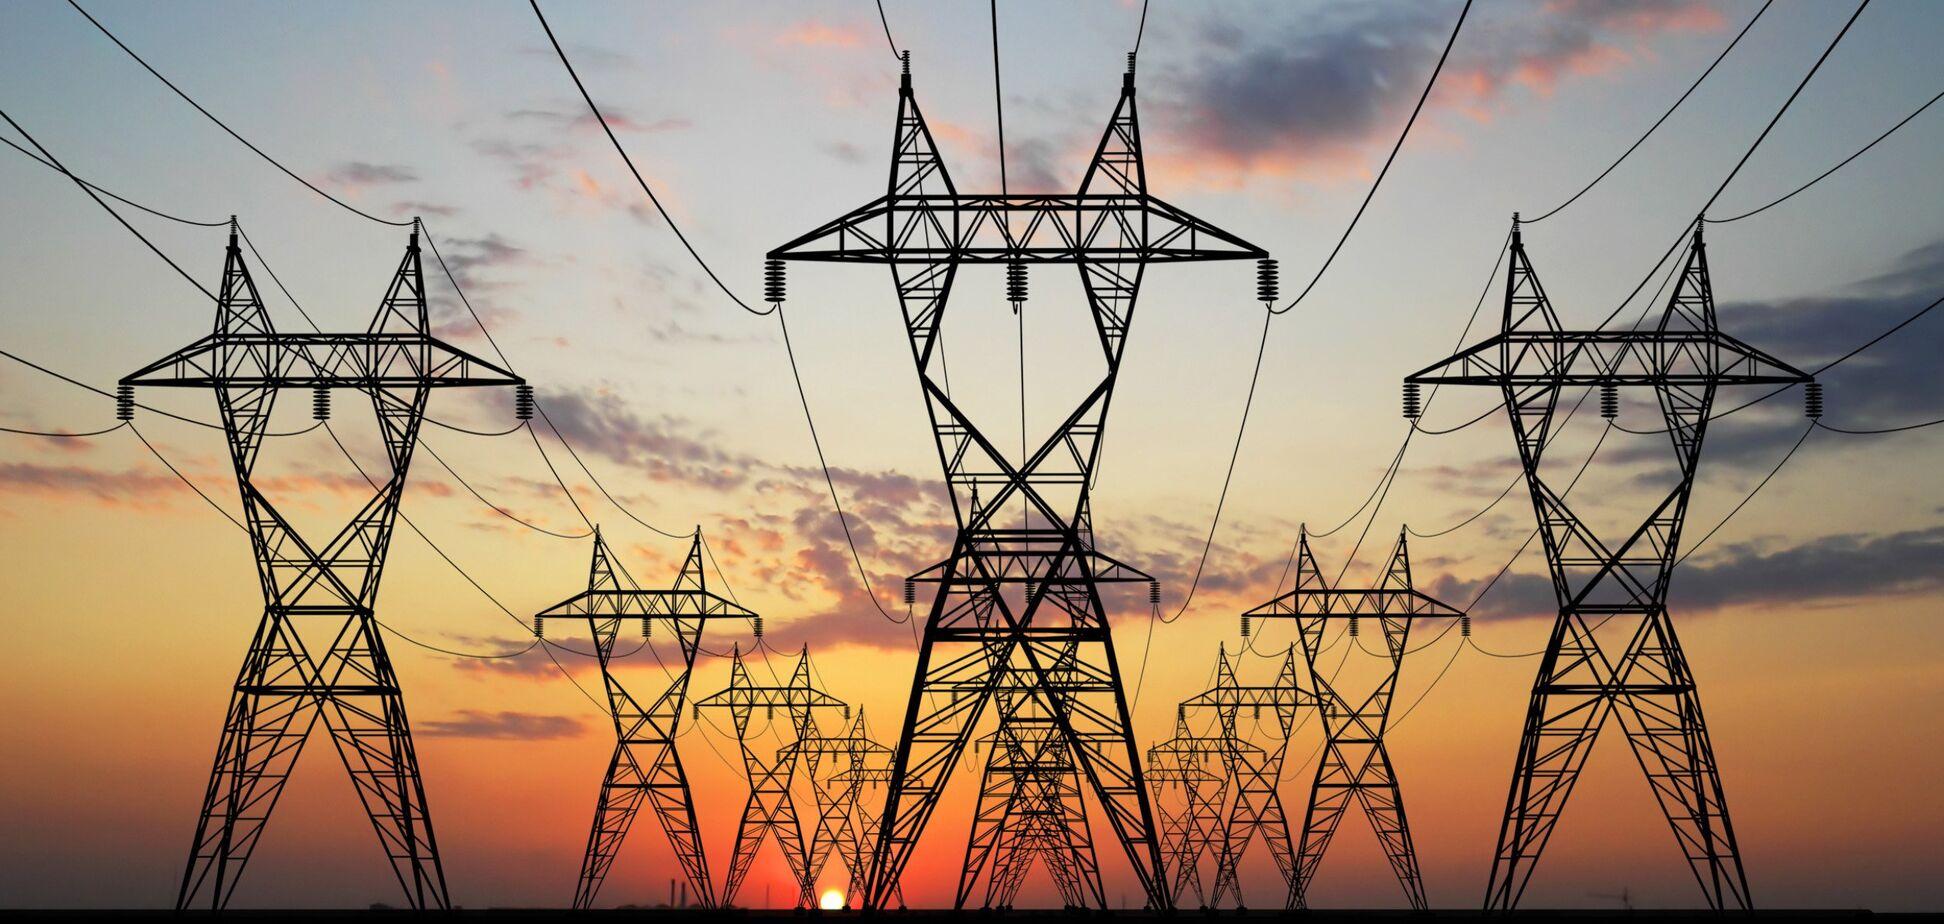 'В Україні один із найнижчих тарифів': Буславець розвінчала популярні міфи про електроенергію